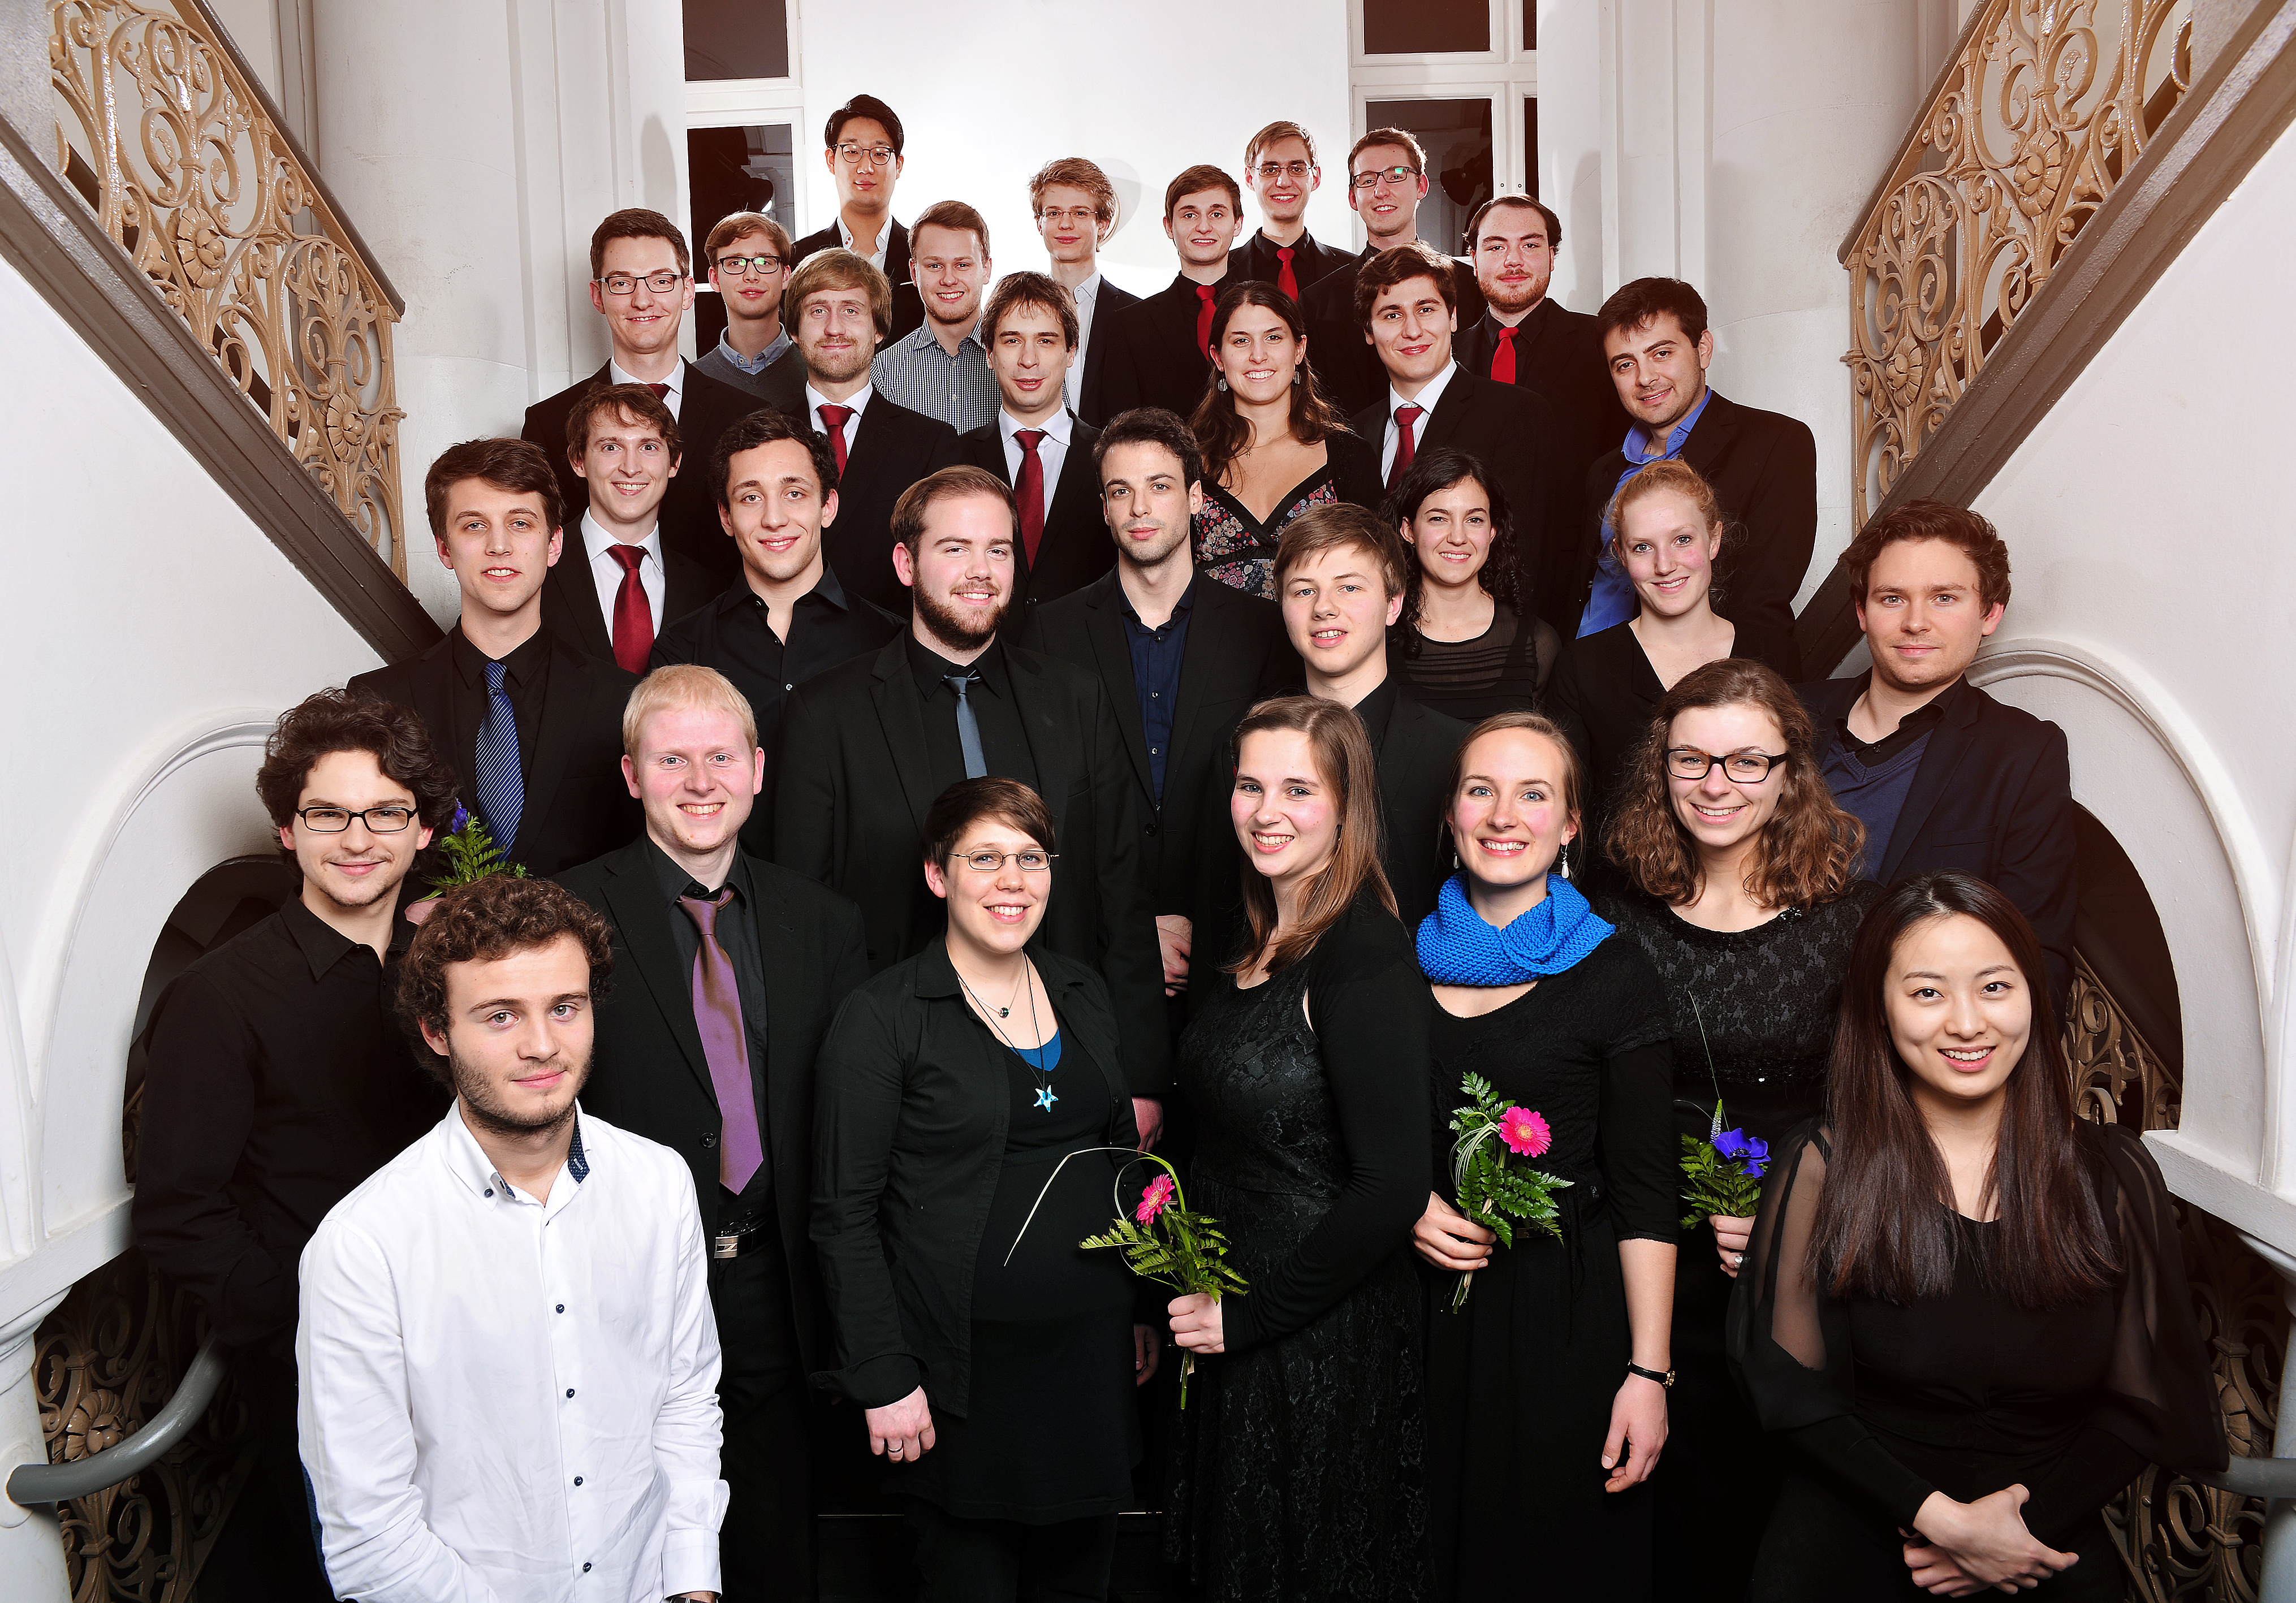 Foto der Preisträgerinnen und Preisträger des Jahres 2015